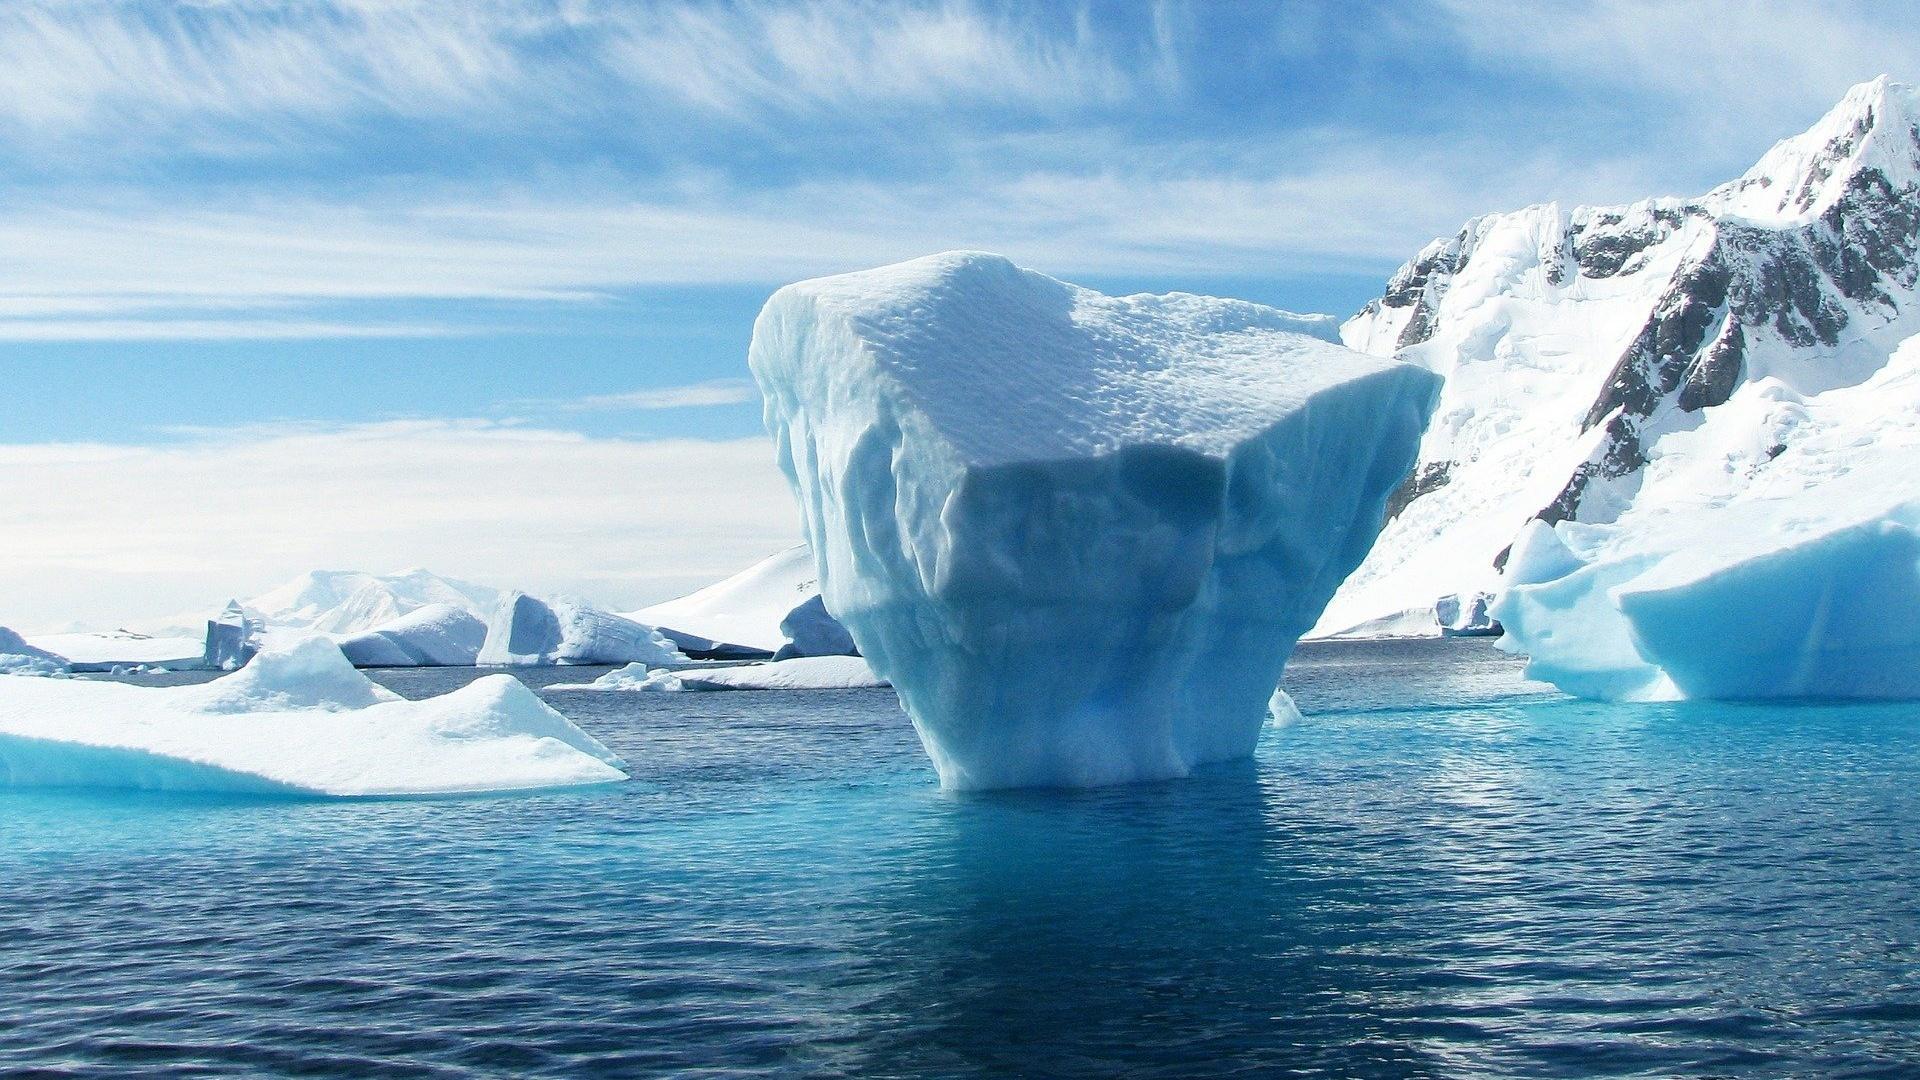 Die Polarzone ist die kälteste Klimazone der Erde.